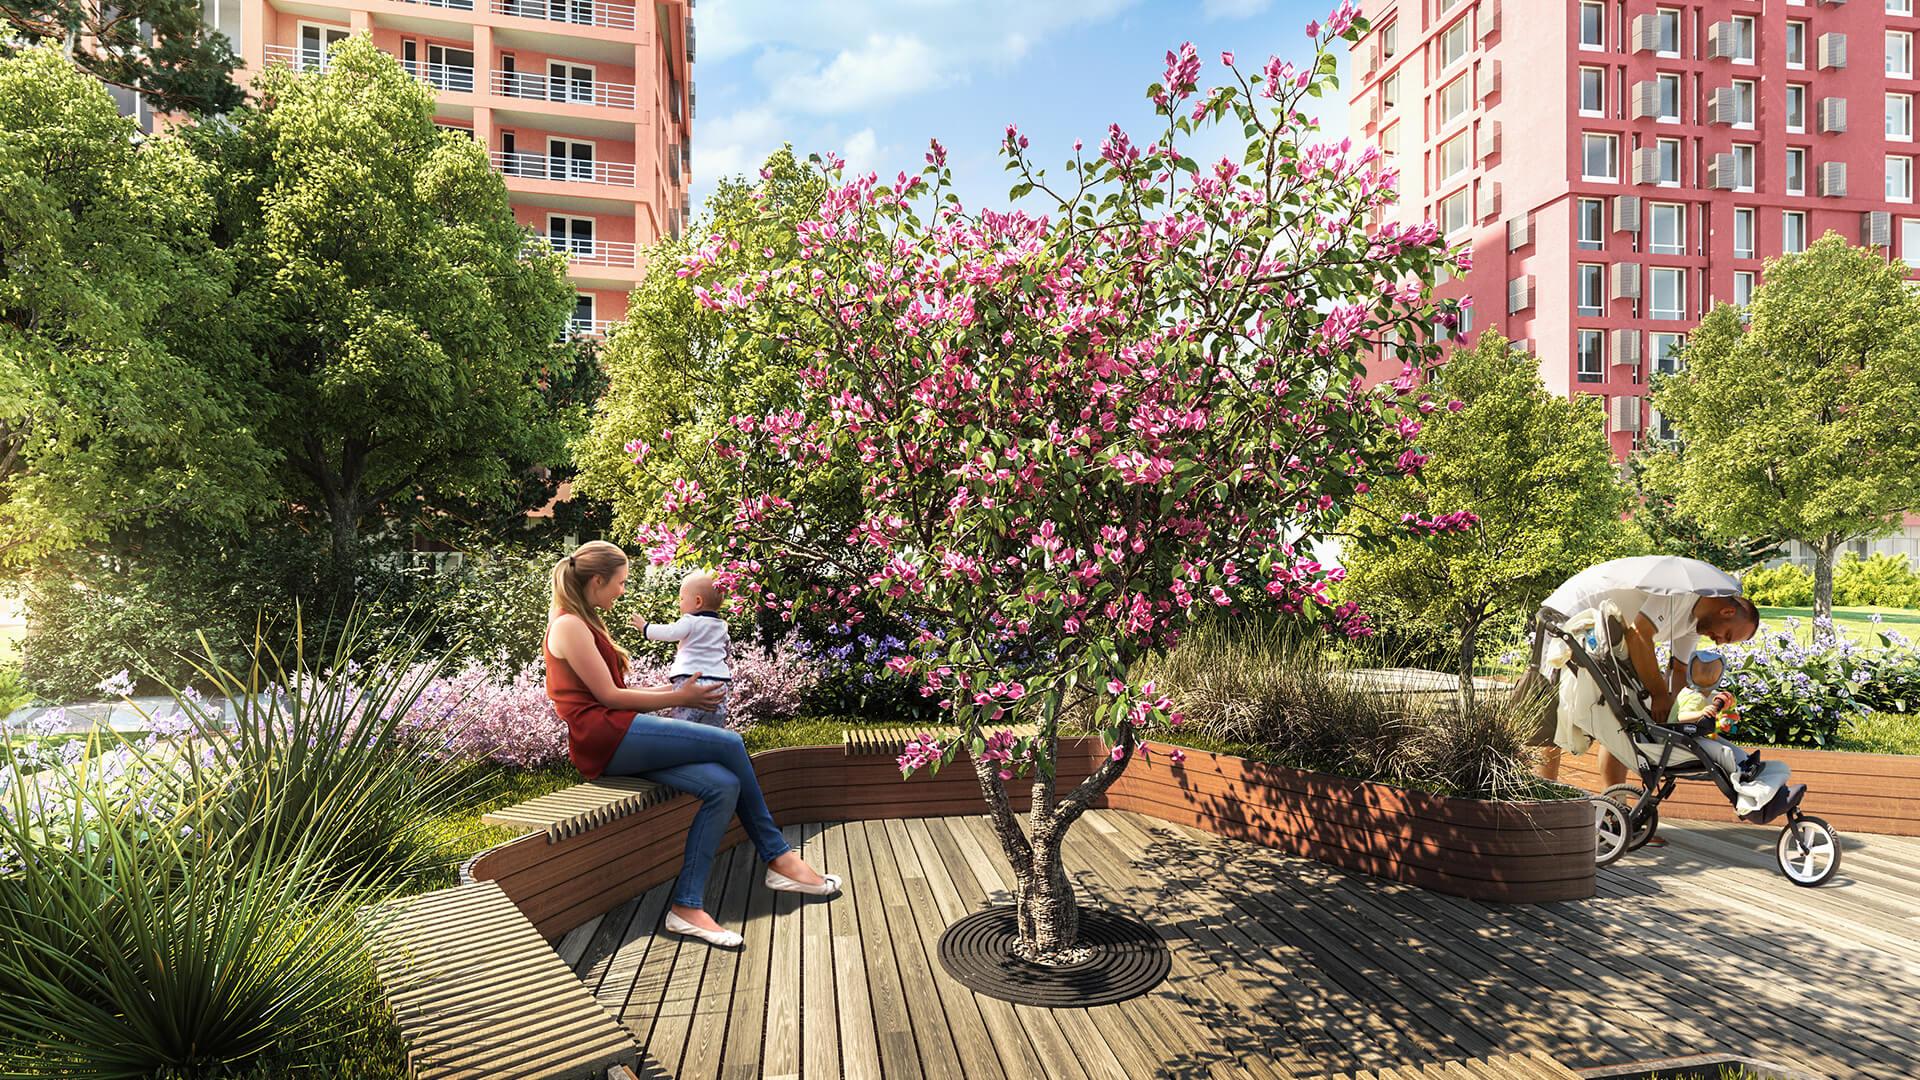 ЖК Свитло Парк визуализация зоны отдыха